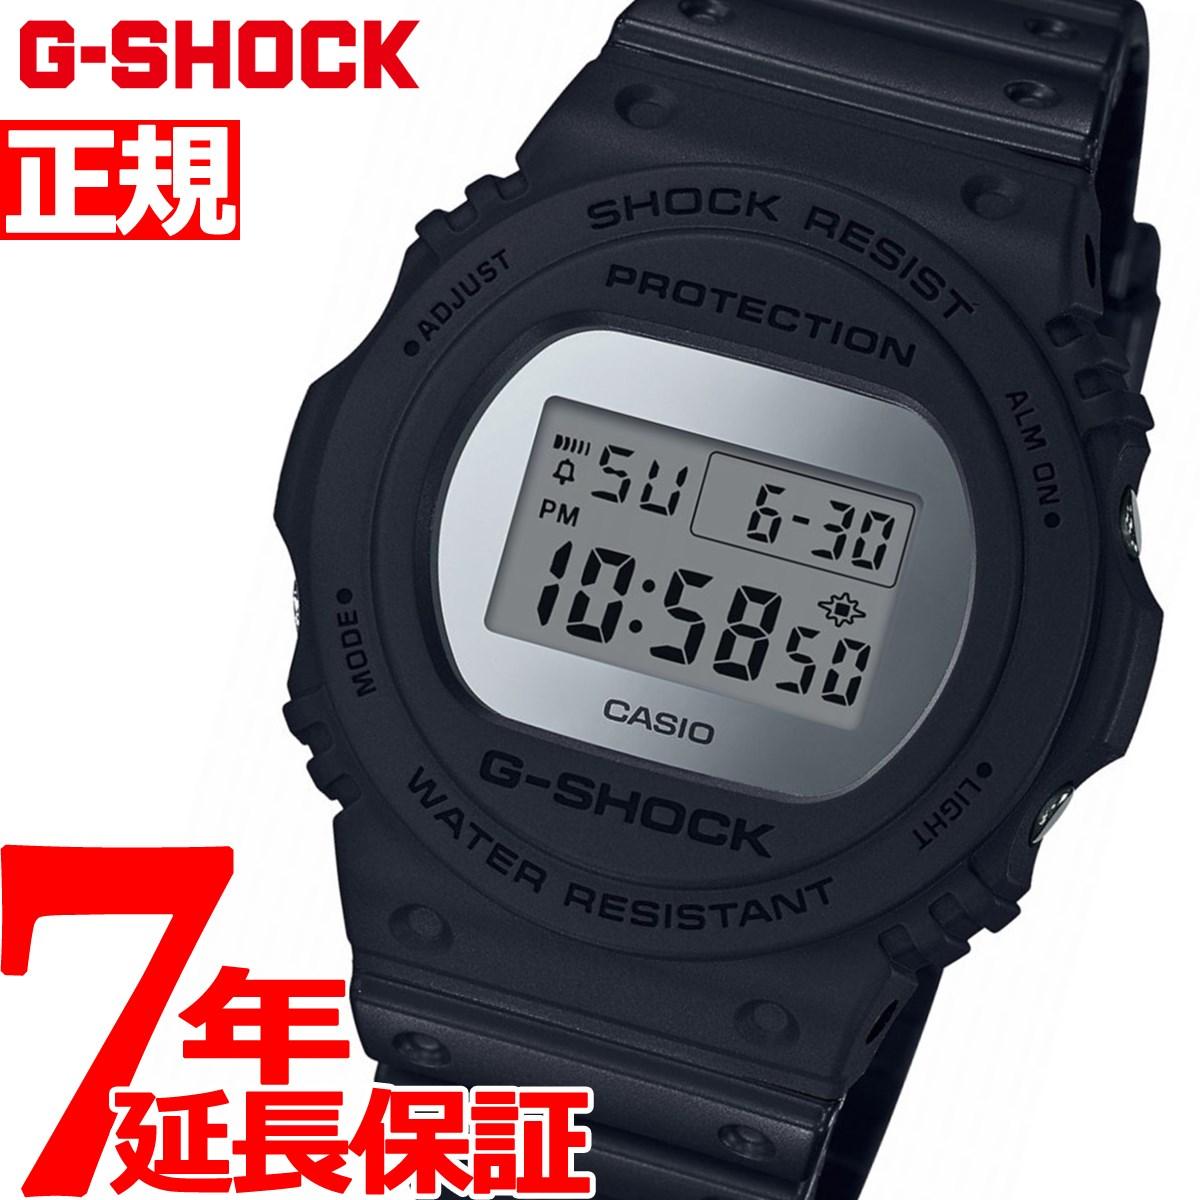 G-SHOCK デジタル 5700 カシオ Gショック CASIO 限定モデル 腕時計 メンズ メタリック ミラーフェイス シルバー Metallic Mirror Face DW-5700BBMA-1JF【2018 新作】